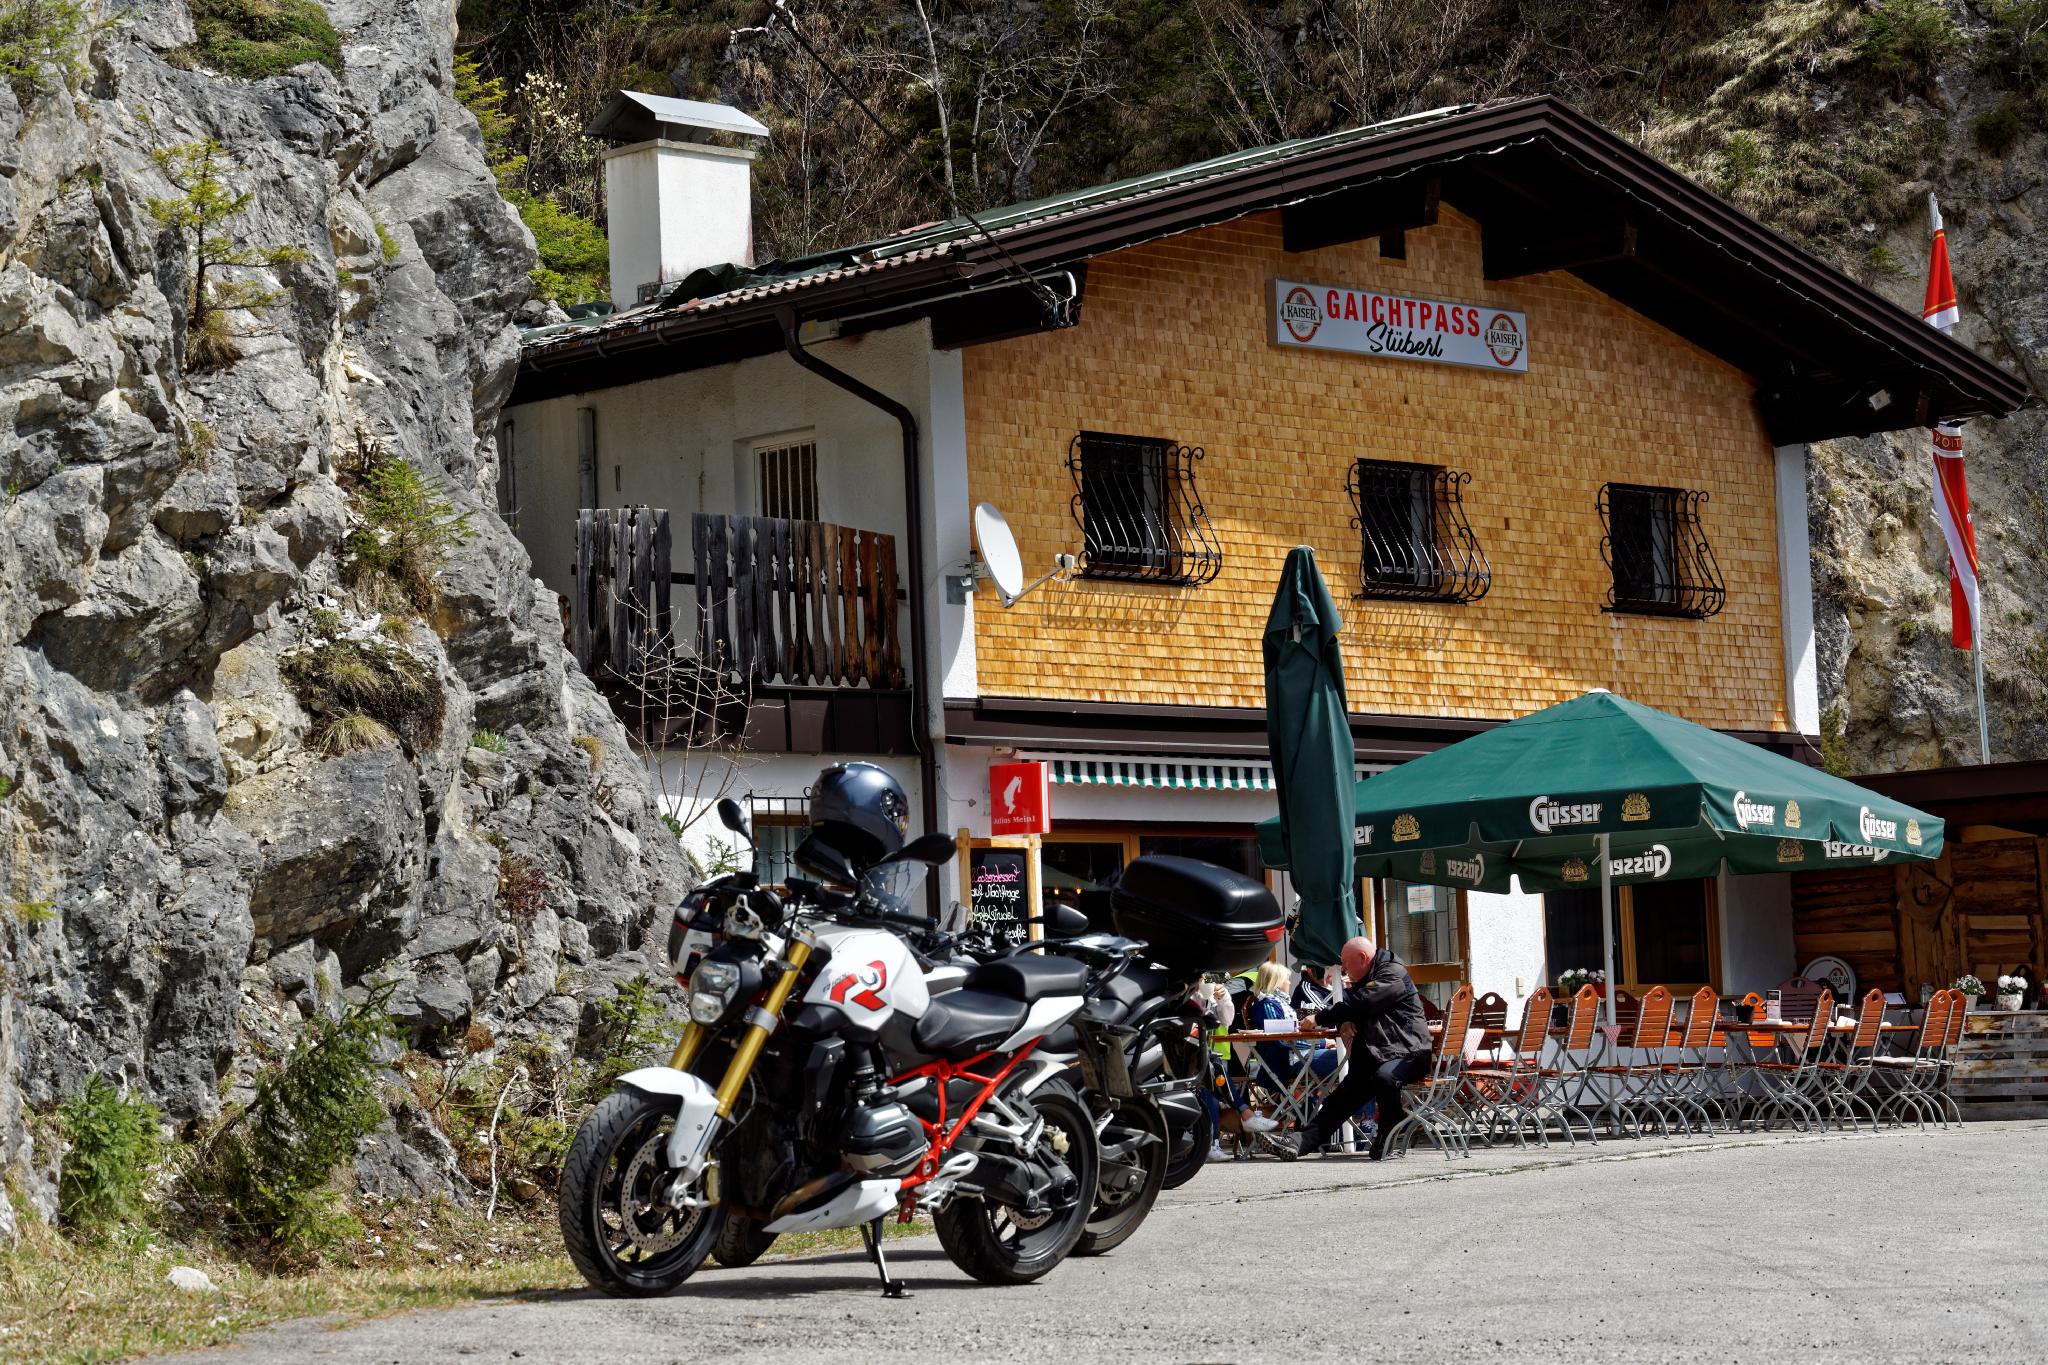 Geführte Motorradtour Gaichtpass